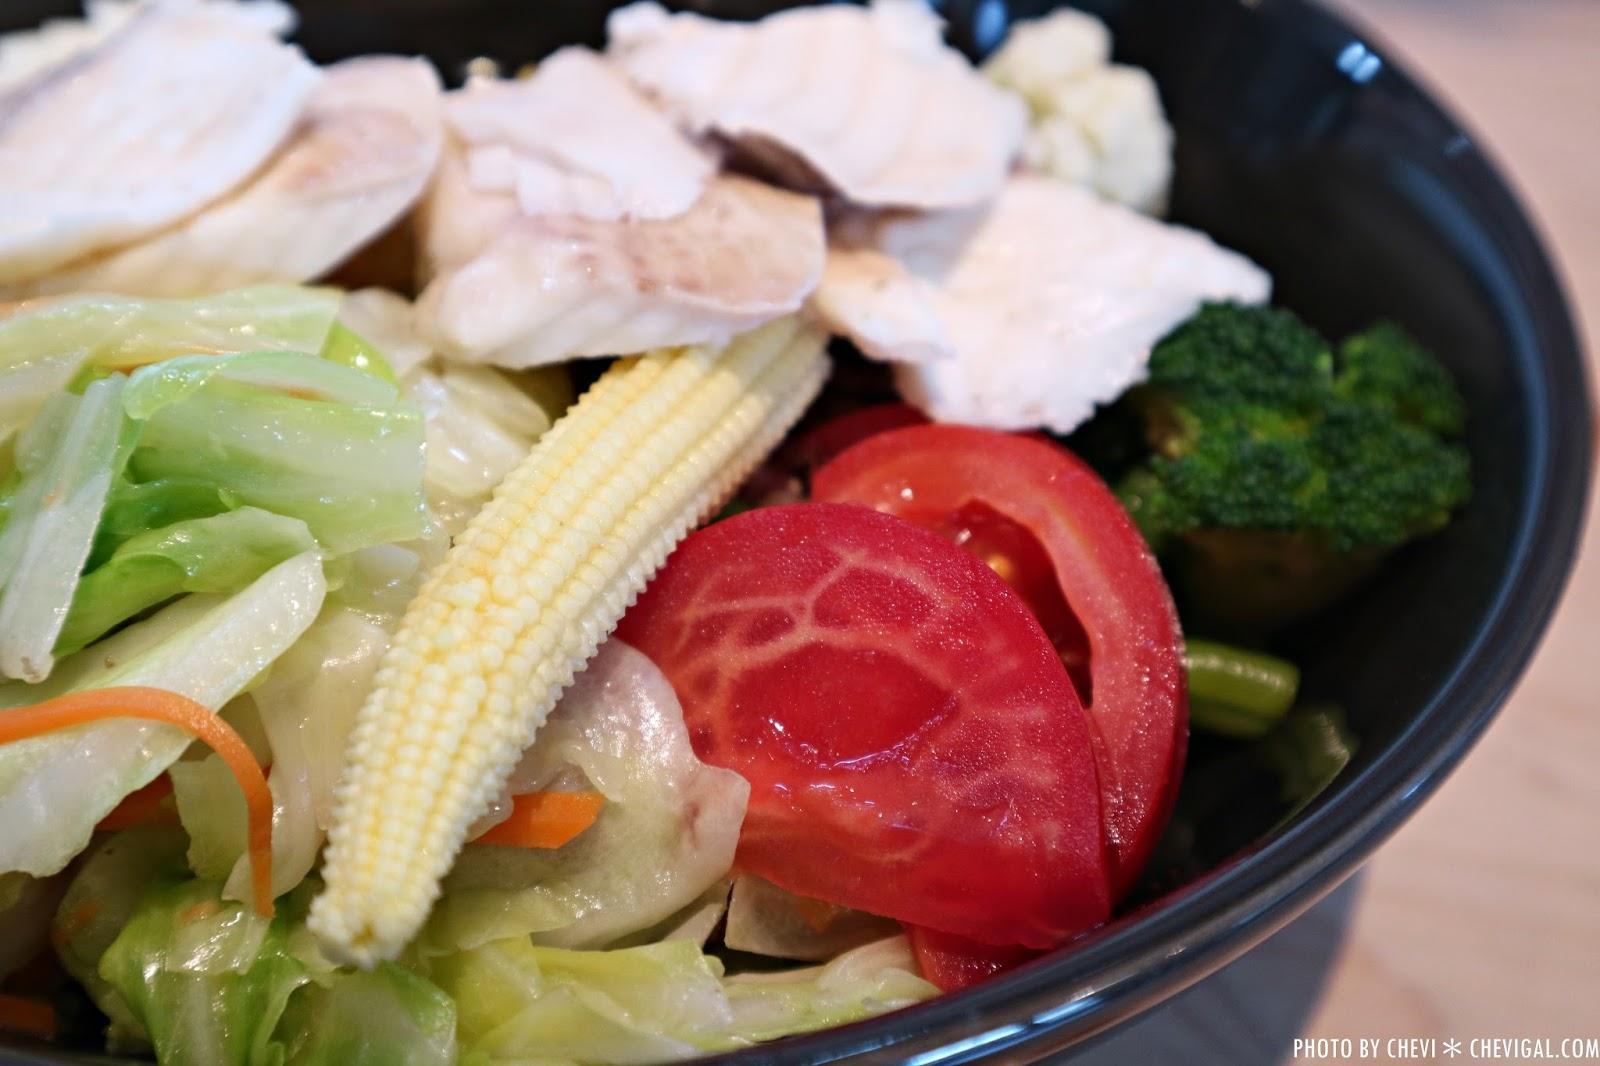 IMG 9609 - 糧倉 纖健水煮,隱身在柳川西路的文青小店。清爽水煮料理讓你吃到鮮甜原味